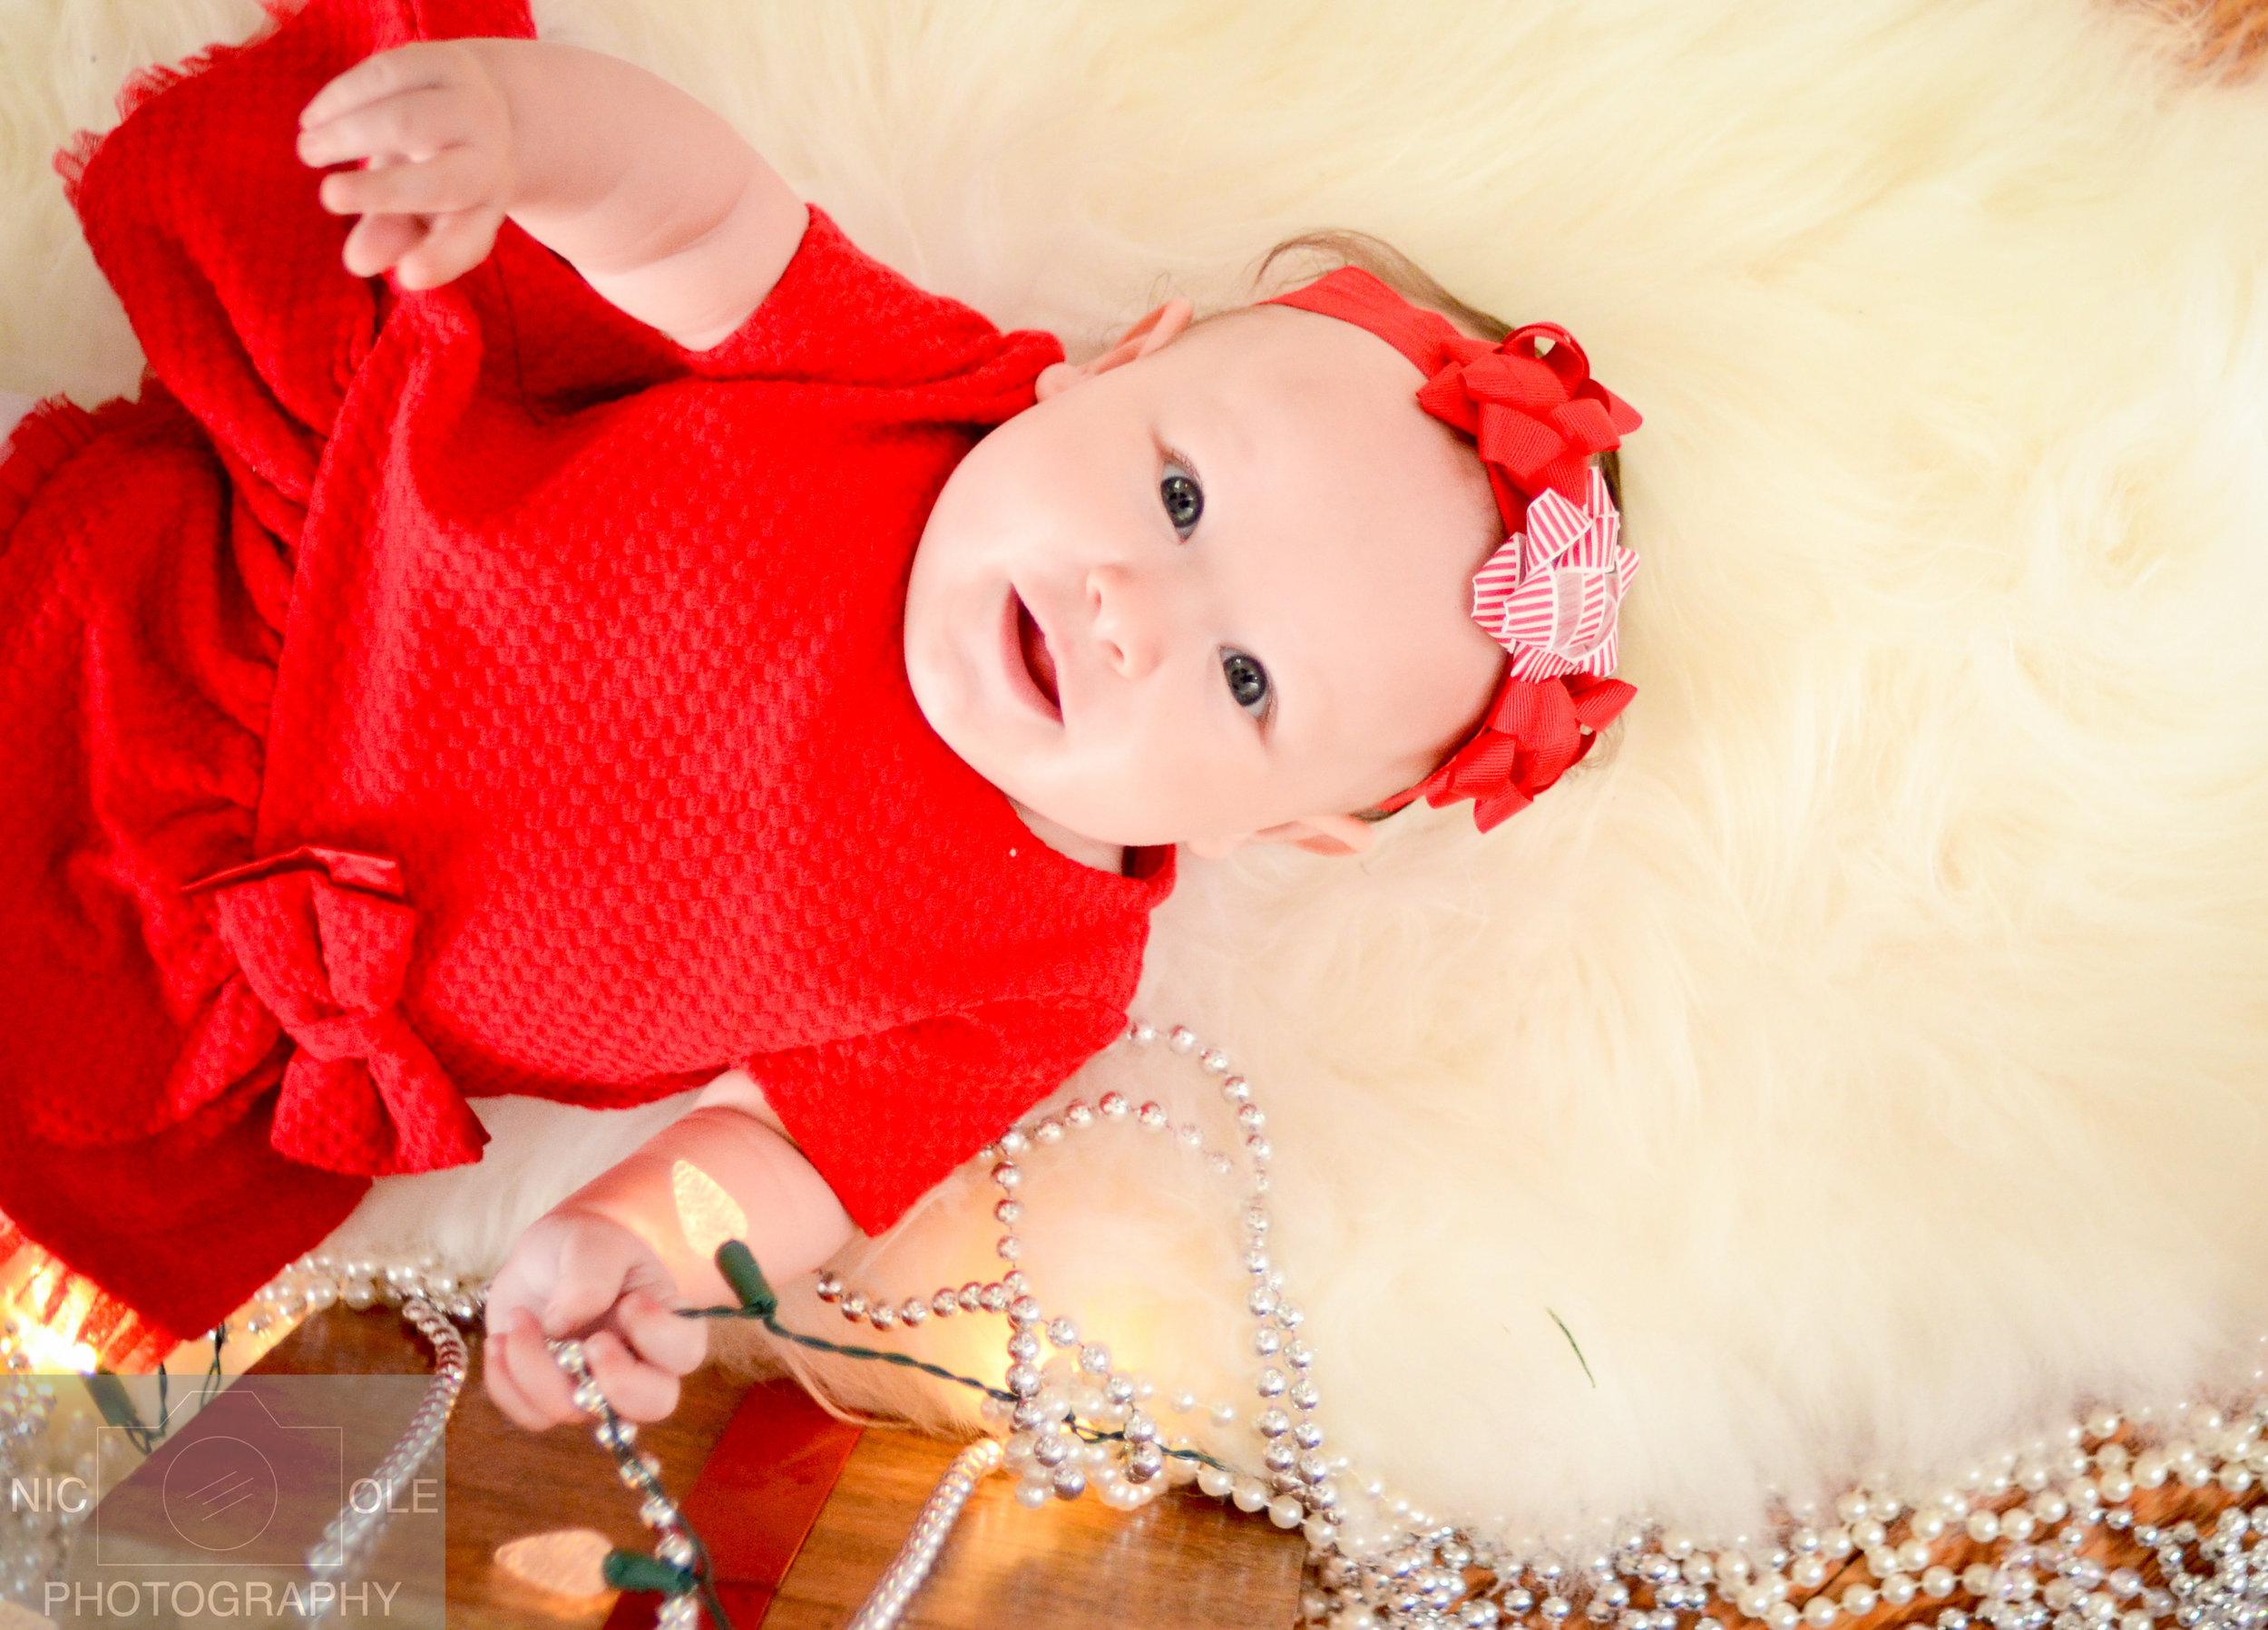 O&Z Christmas Photos- Nic.Ole Photography-7.jpg